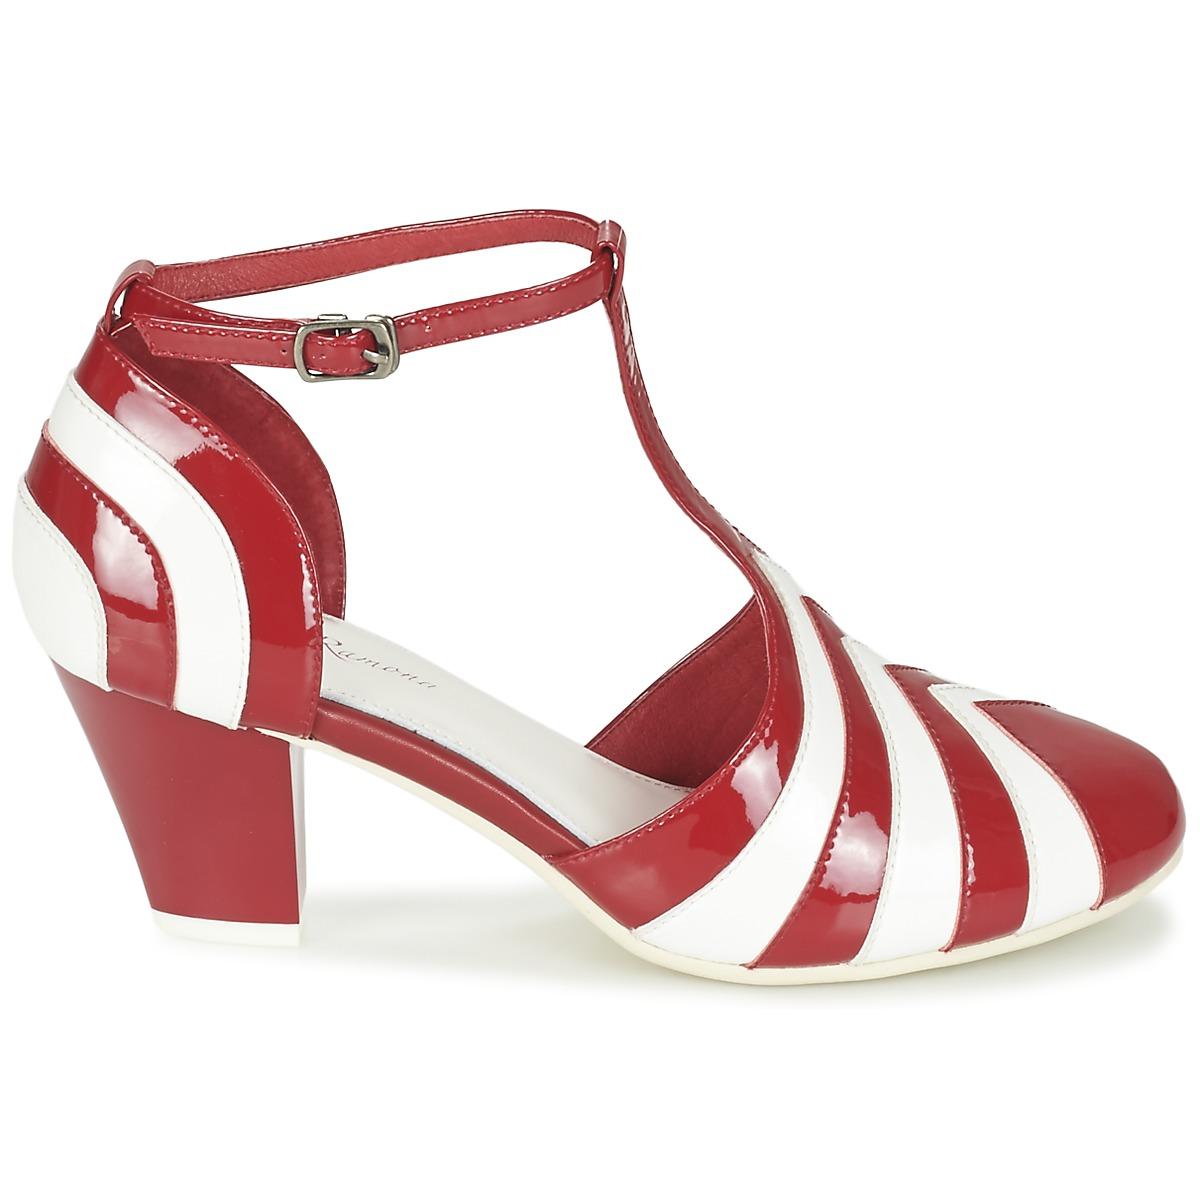 Sandales femme cuir tamaris